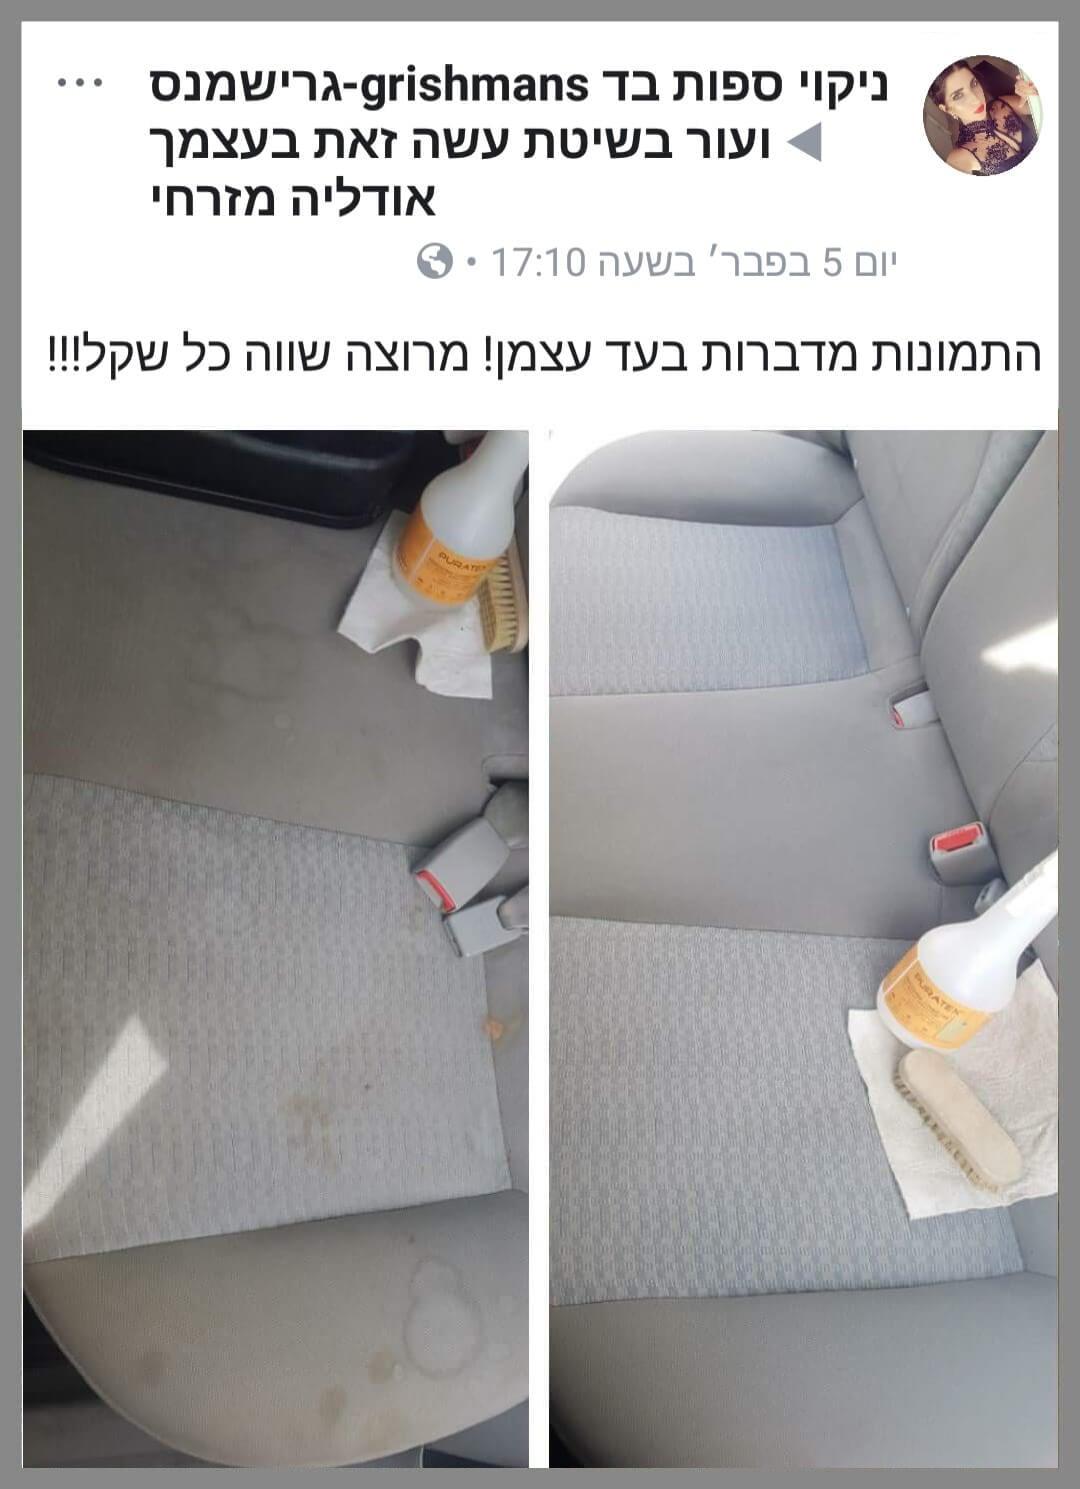 ניקוי מושבים ברכב